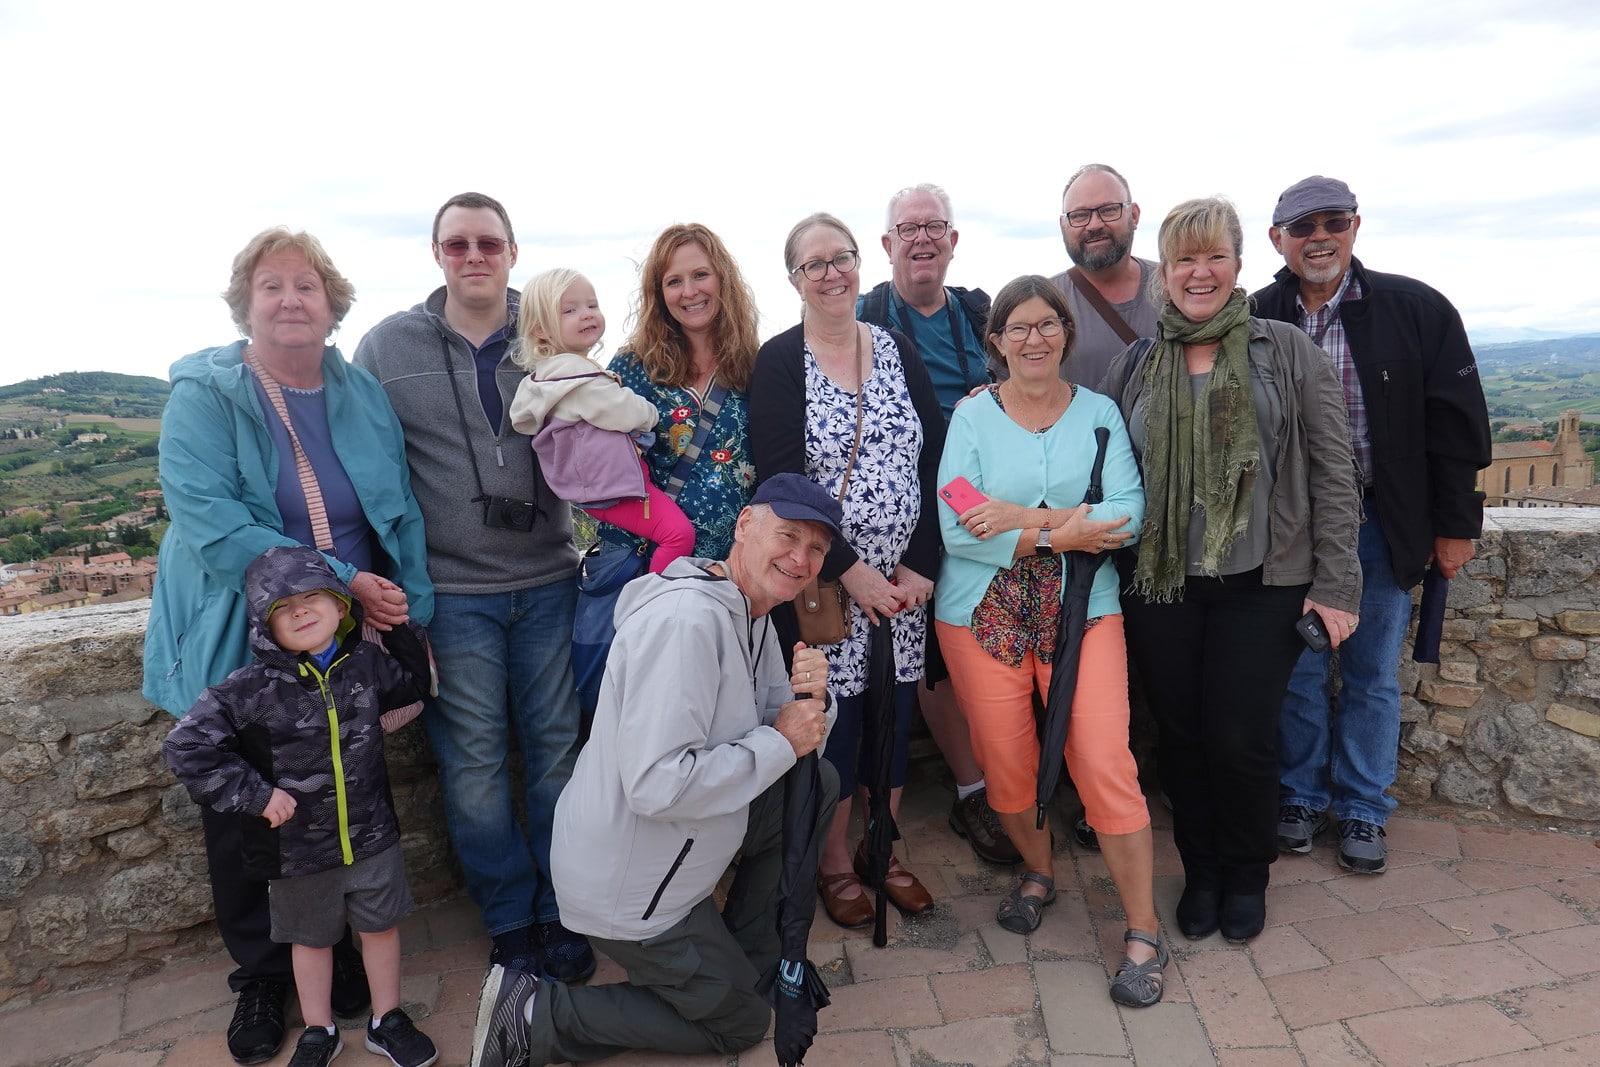 San Gimignano group photo